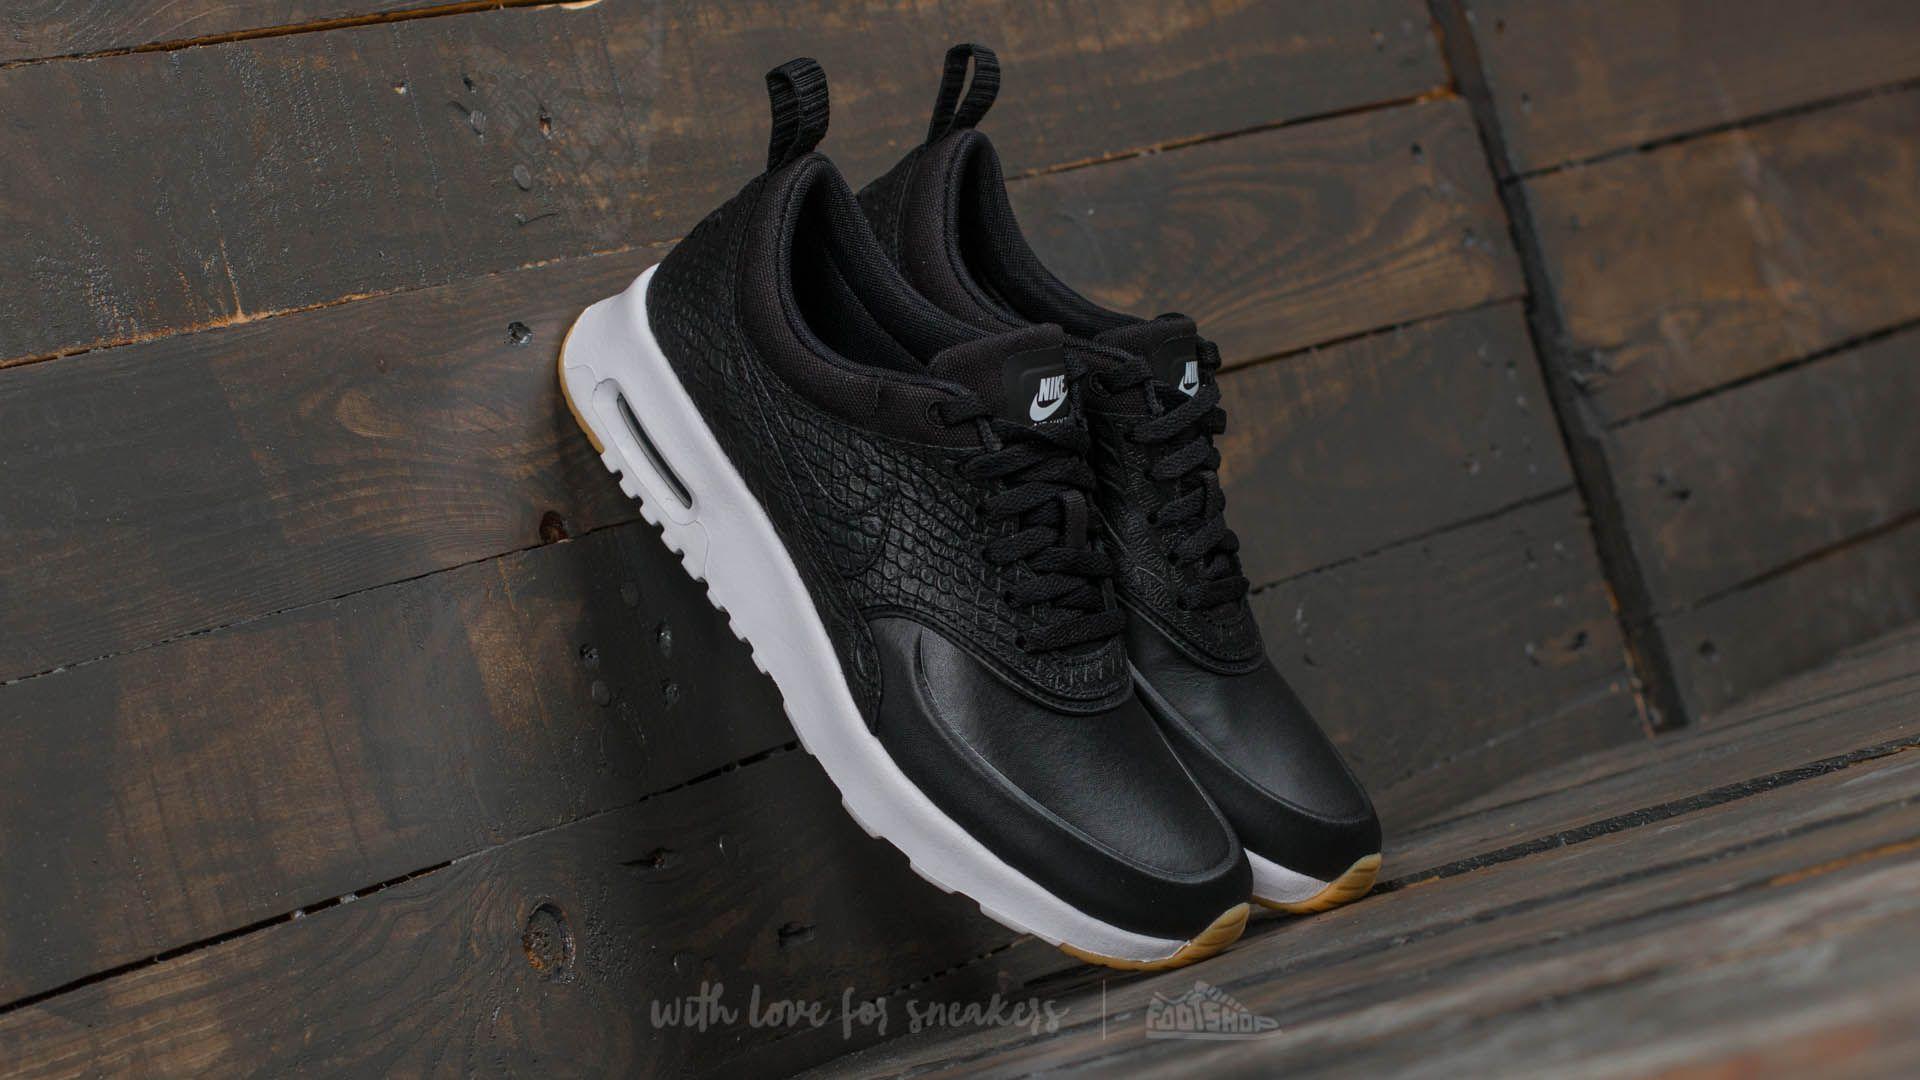 b2d1fcbb55 Nike Wmns Air Max Thea Premium Black/ Black-Gum Yellow-White ...